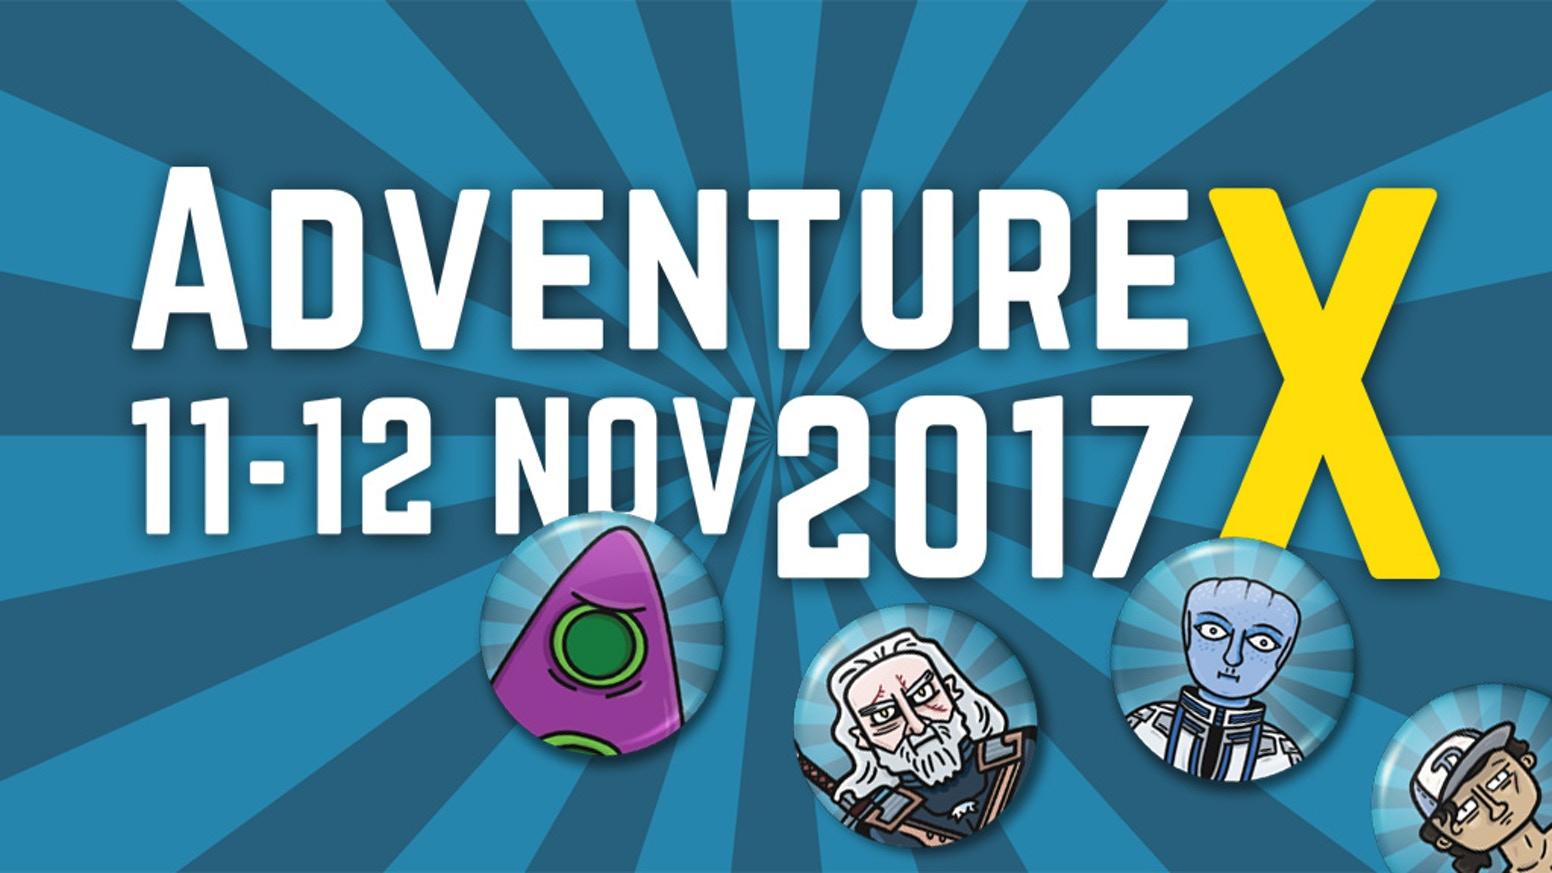 AdventureX 2017 banner